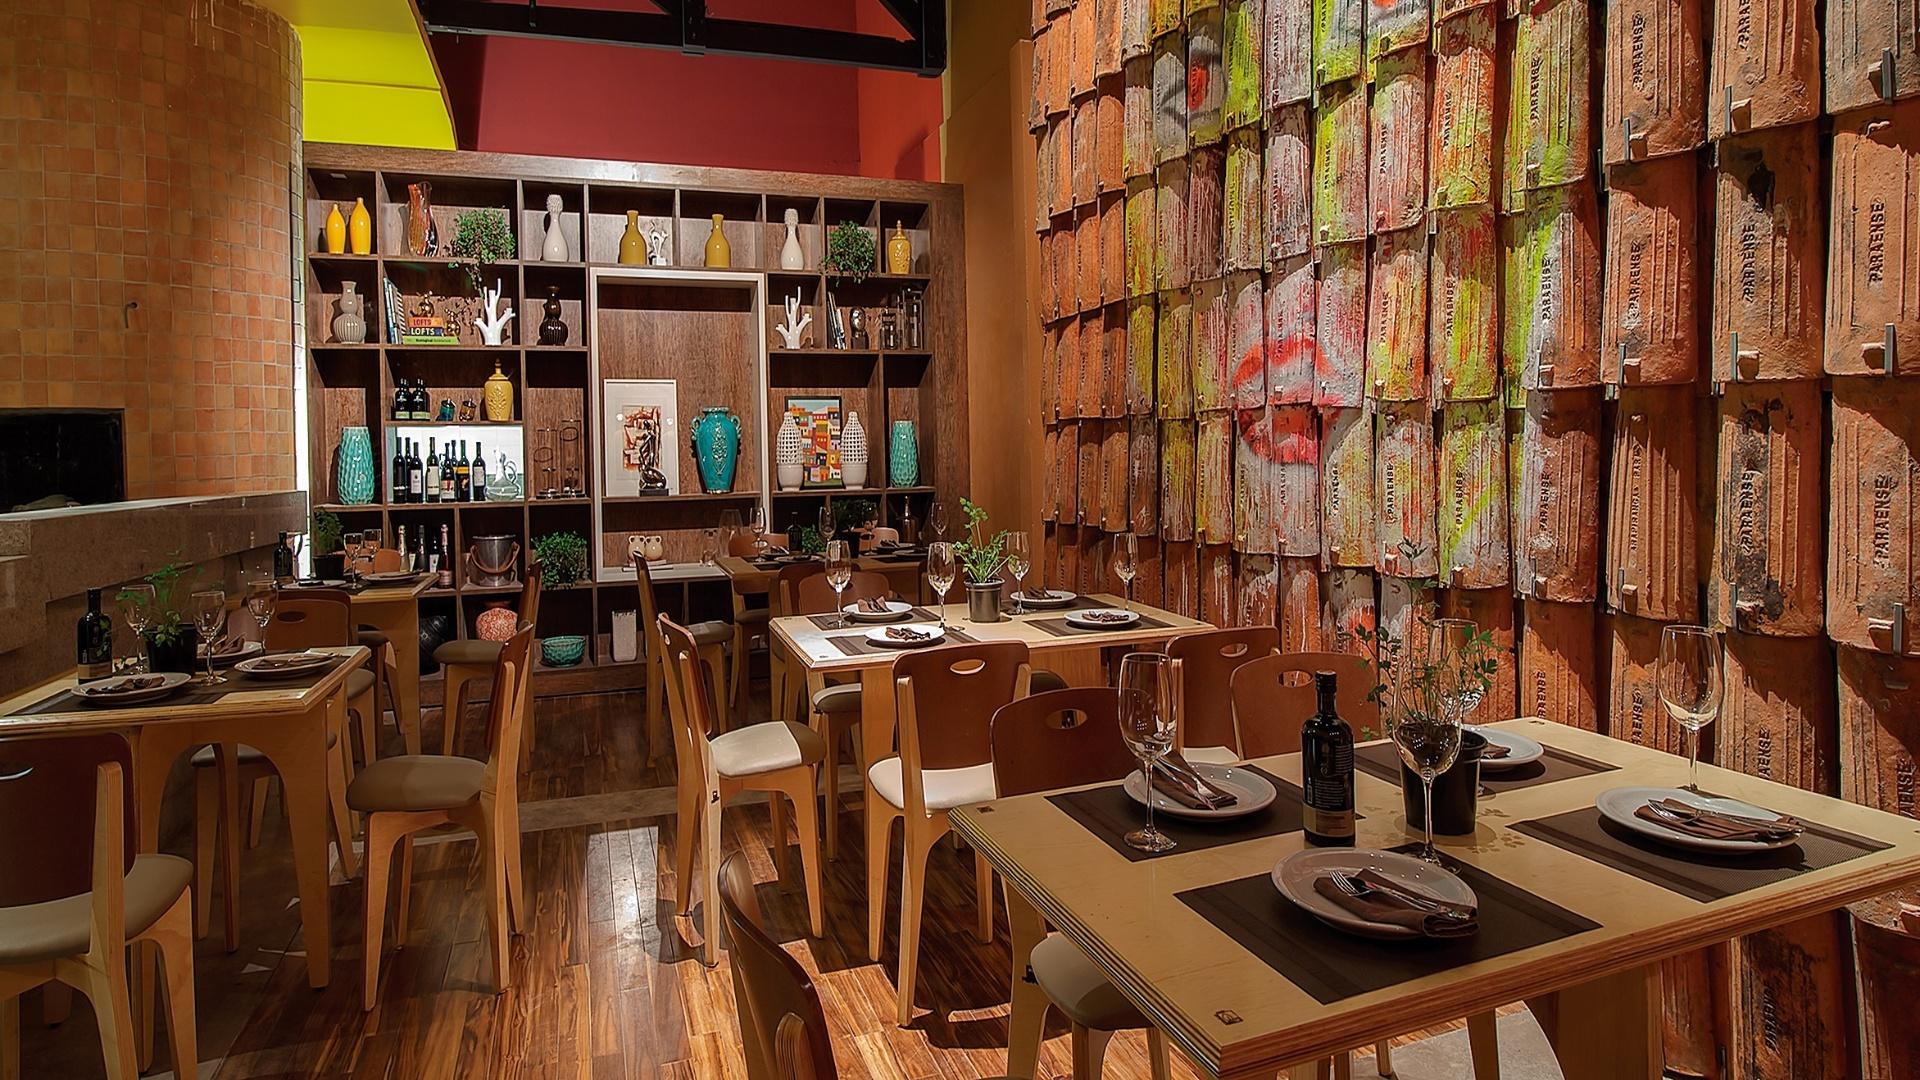 Márcia Nunes, José Vieira Neto e Débora Rodrigues criaram a Cantina com Terraço. A Casa Cor Pará, edição 2012, segue em cartaz até dia 25 de novembro. A mostra tem lugar na Av. Conselheiro Furtado, 100, em Belém